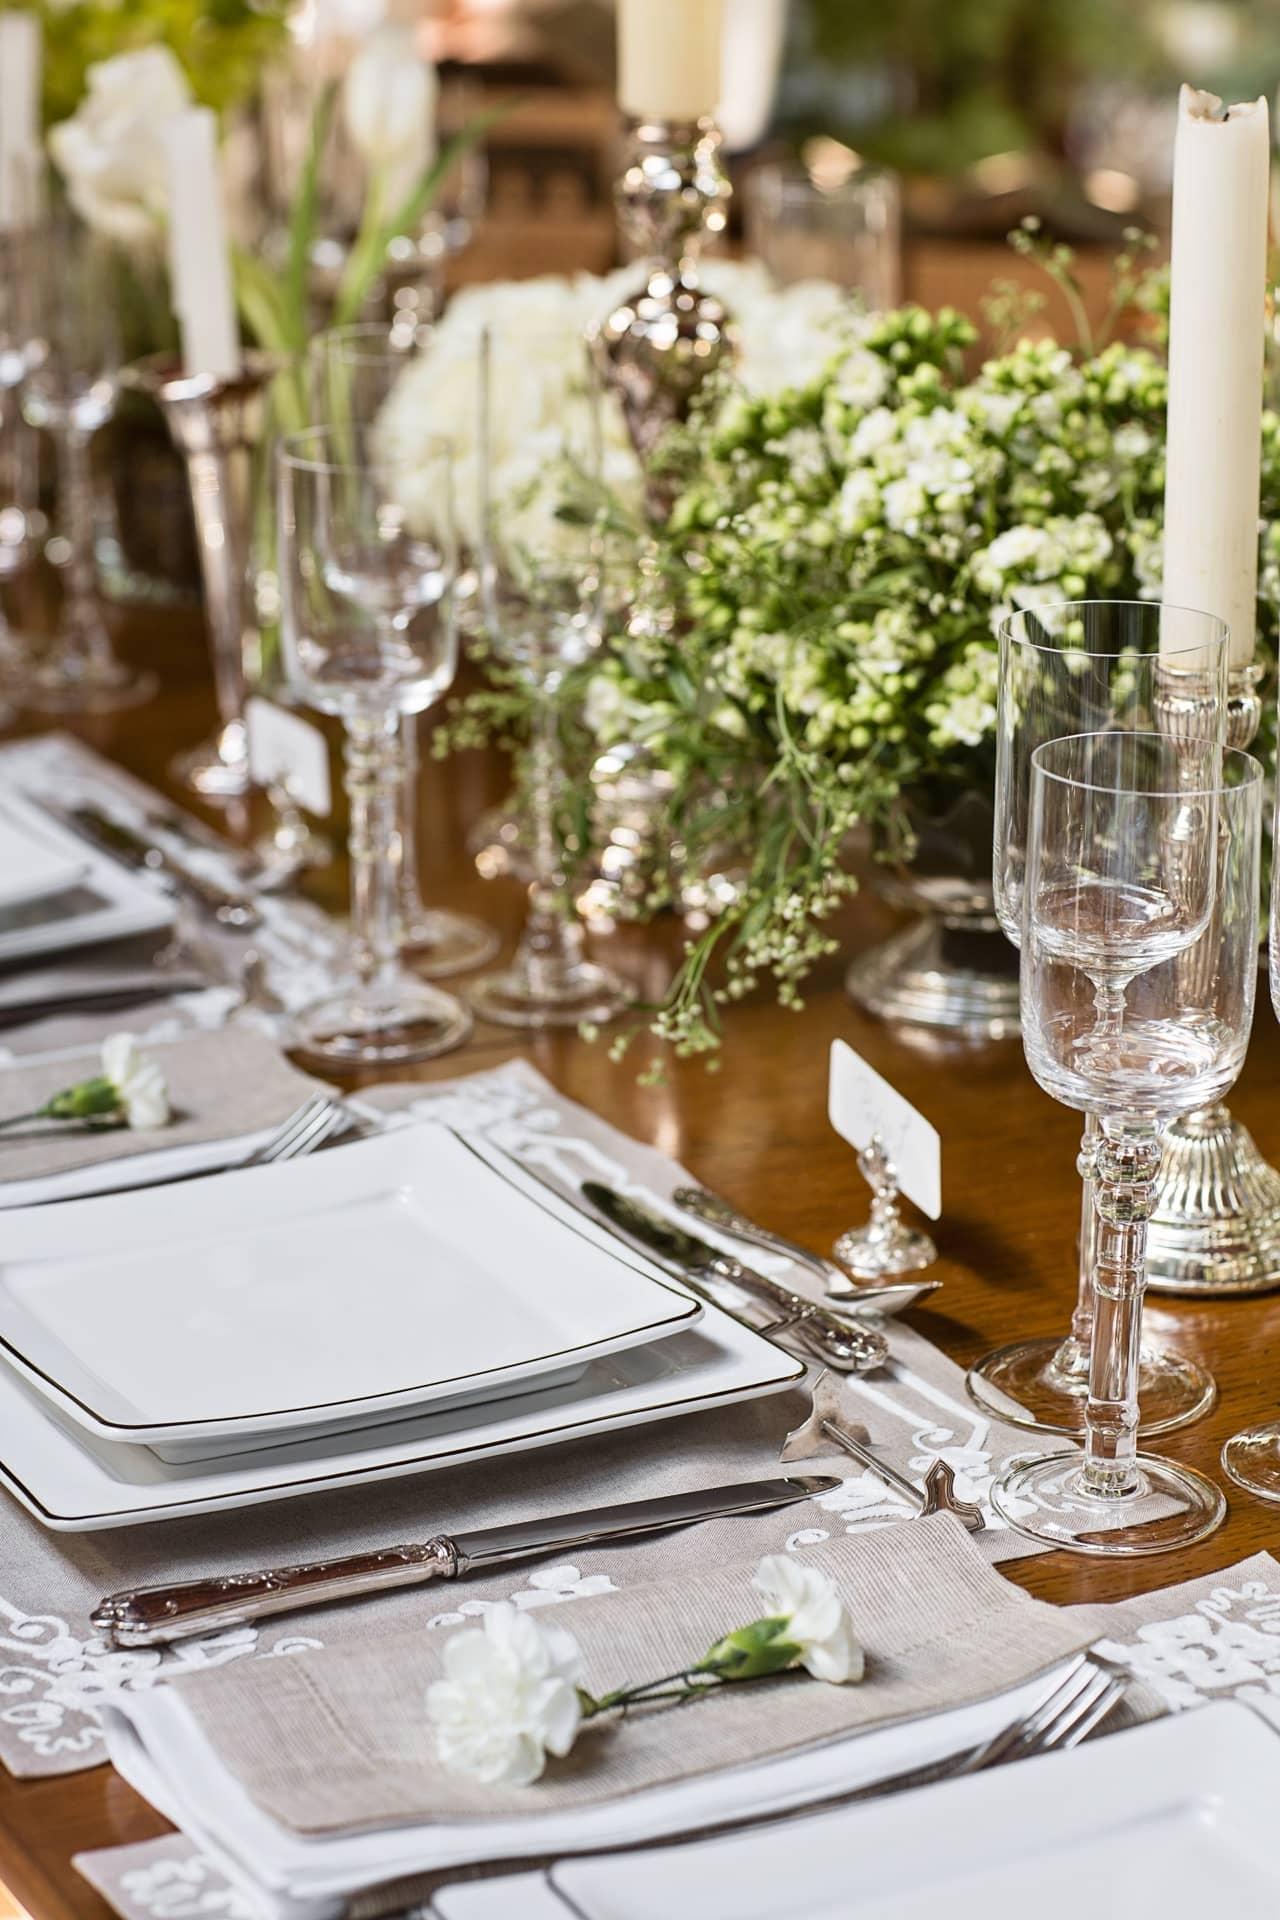 Imagem: Inspire-se com a nossa linda mesa posta e arrase no jantar formal com colegas de trabalho. Foto: Elisa Correa.